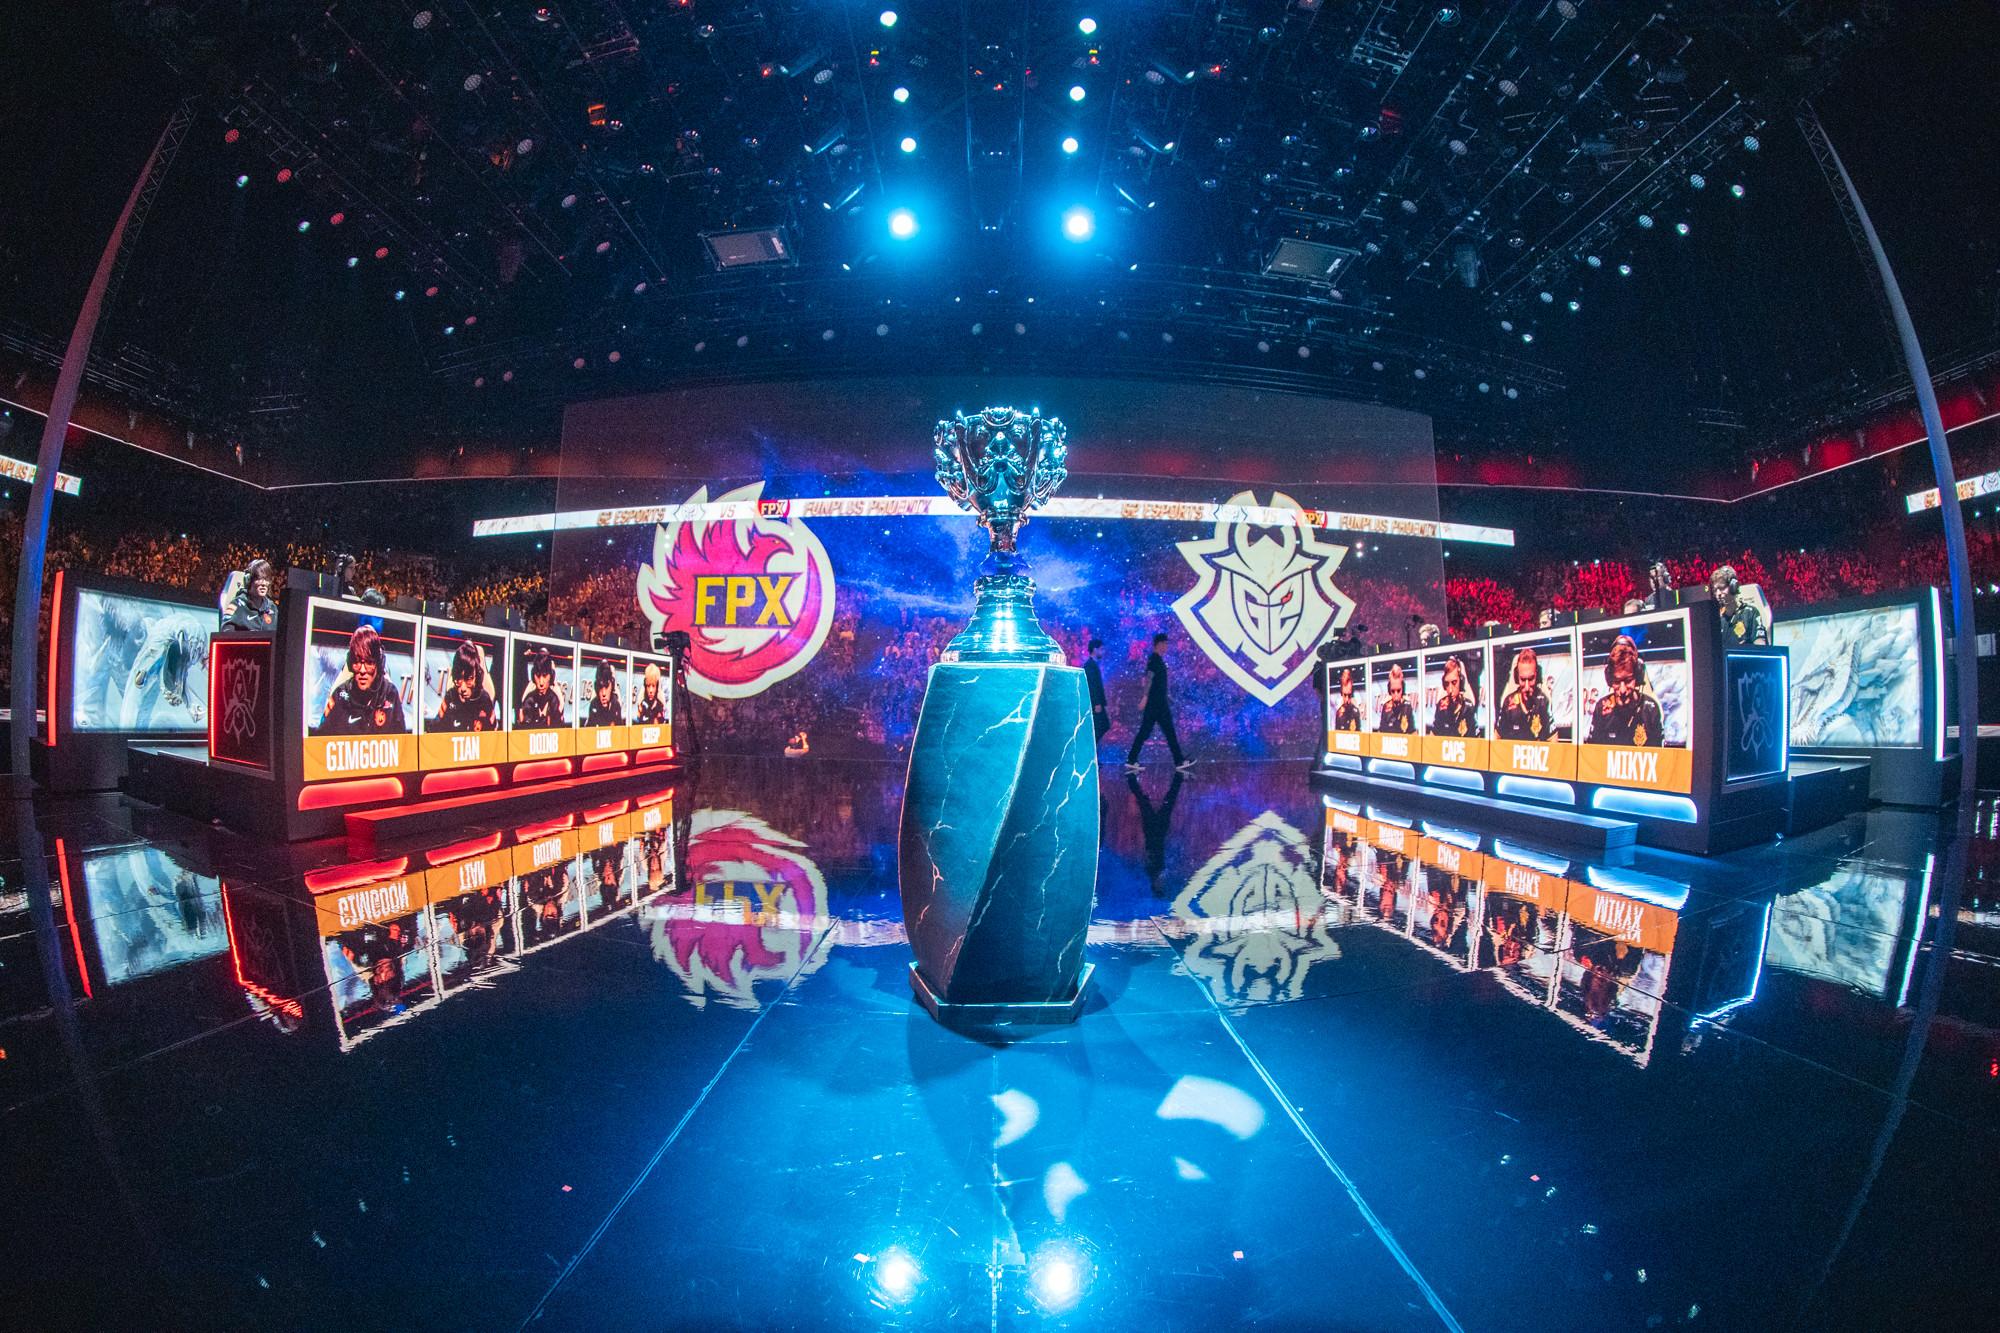 riot-games-msi-2020-etkinligini-iptal-ettigini-acikladi